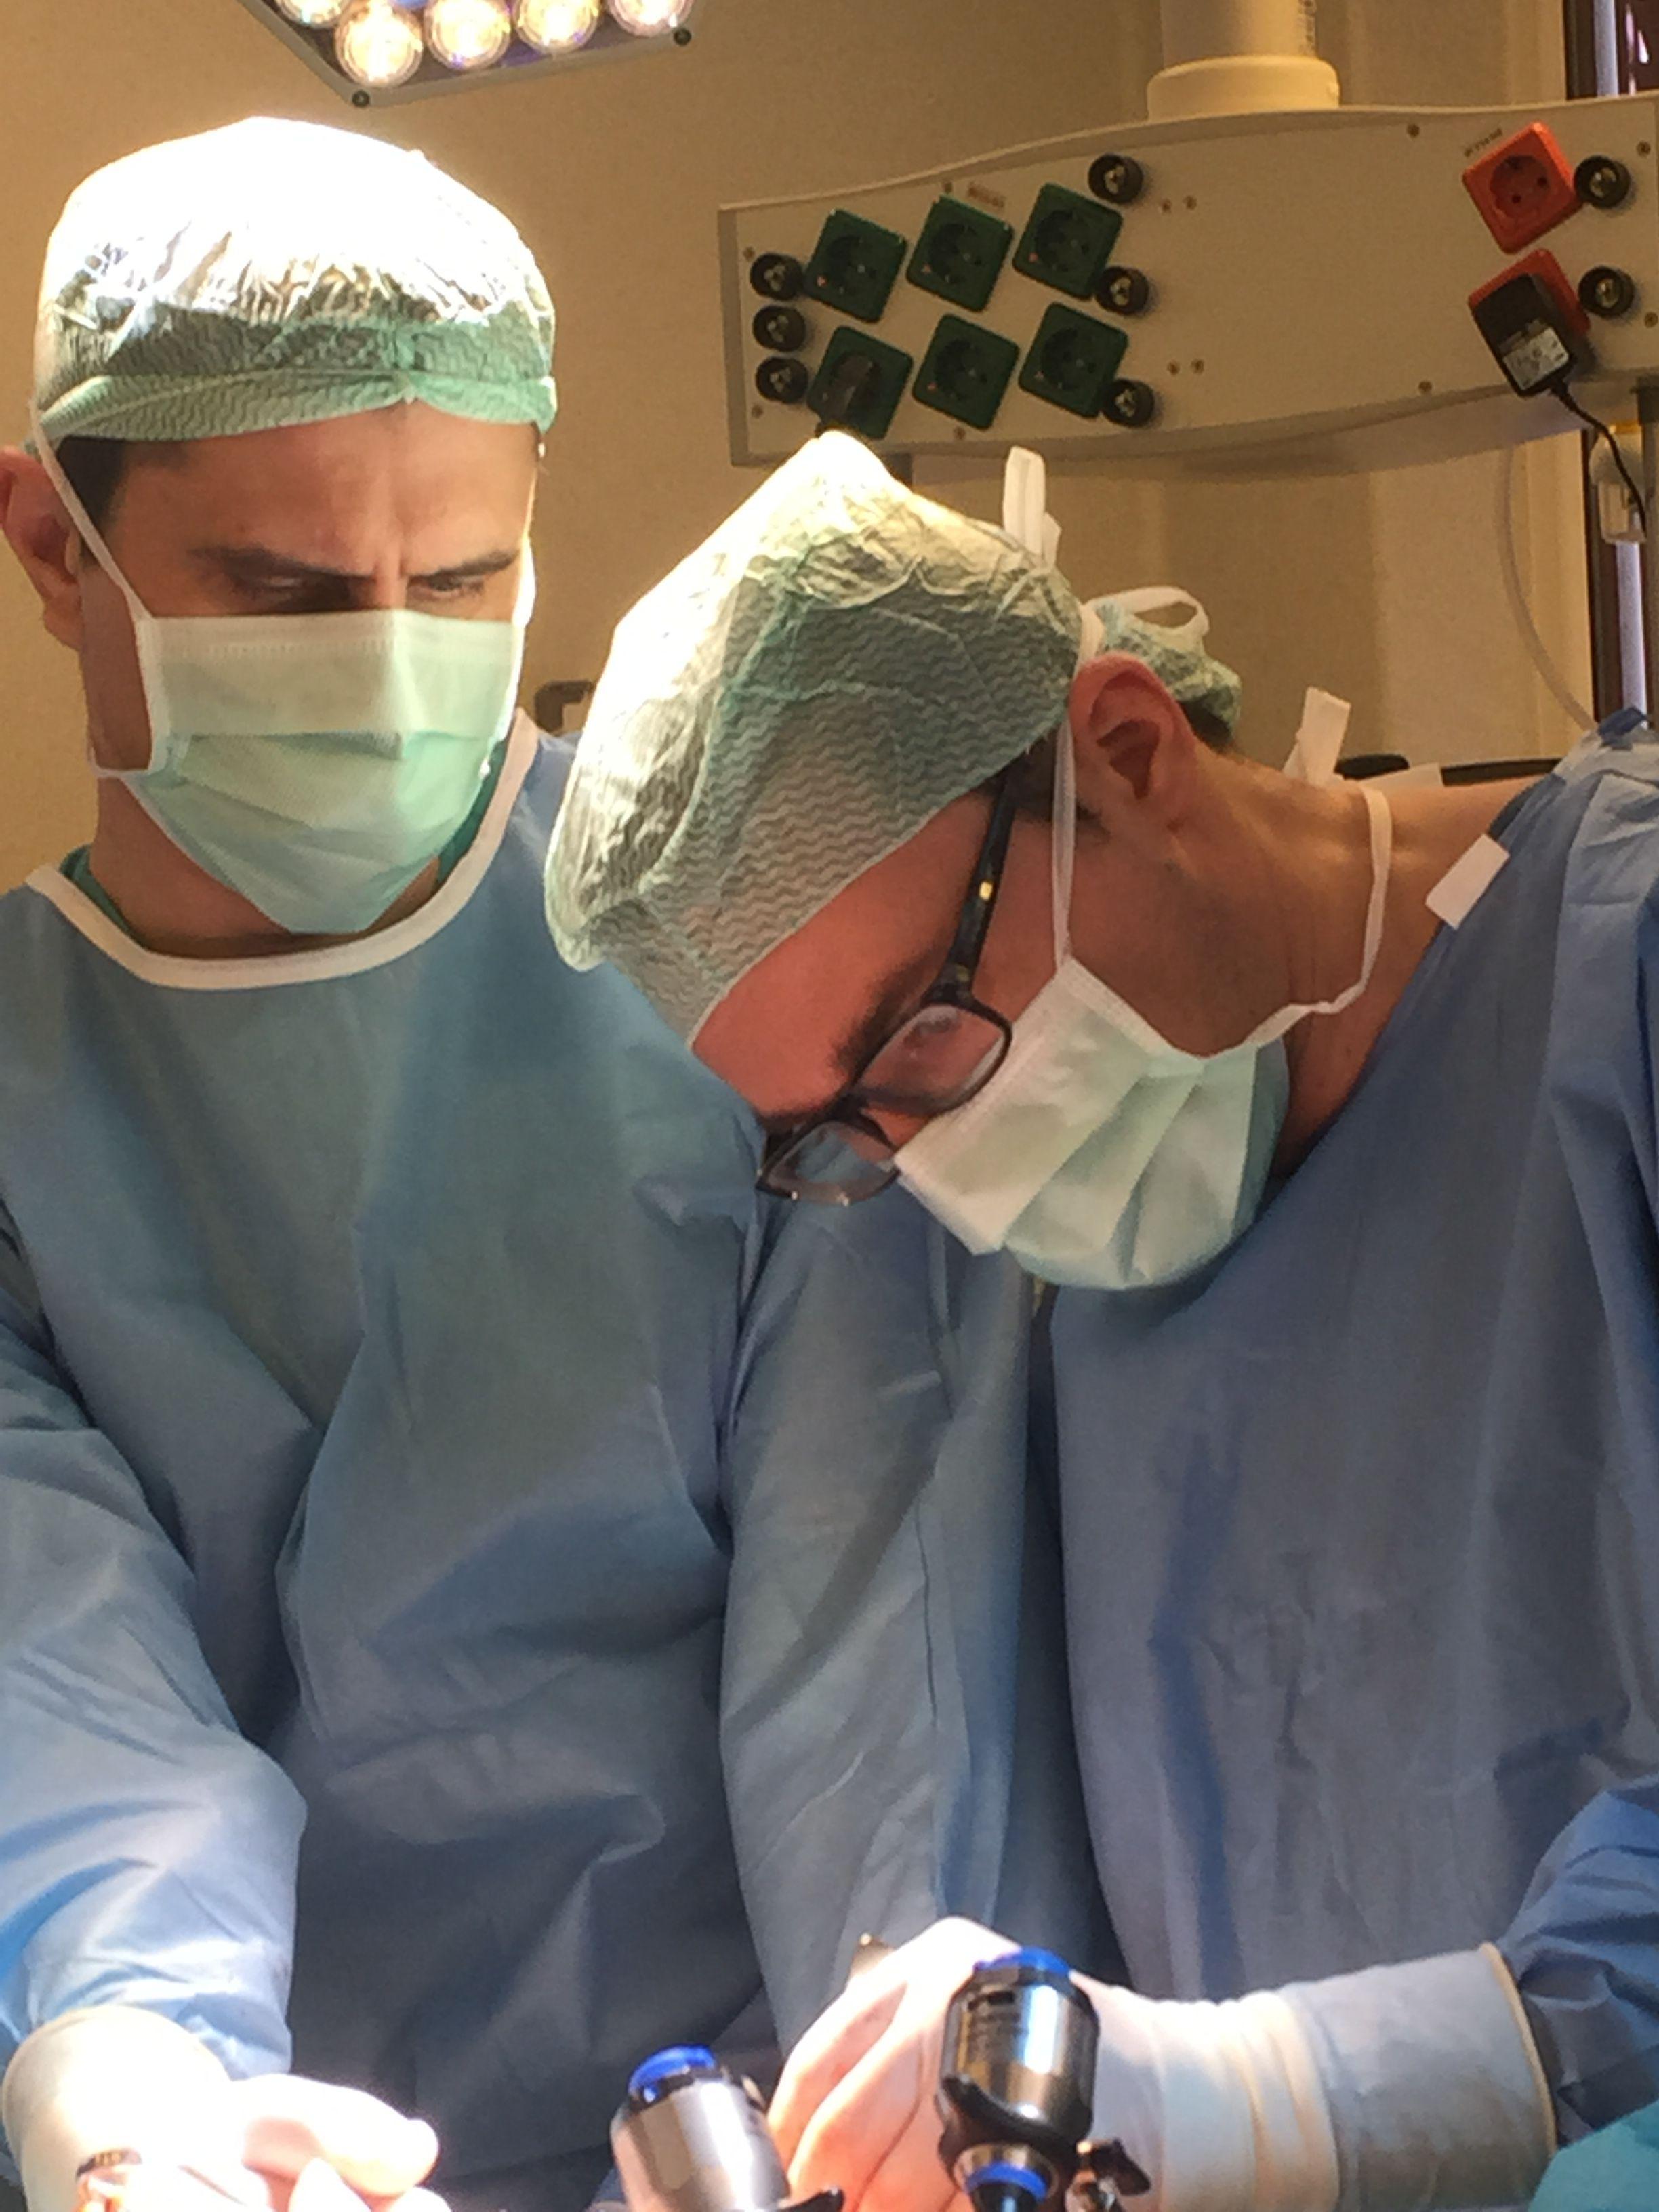 Chirurgai pasilenkę prie operacinio stalo